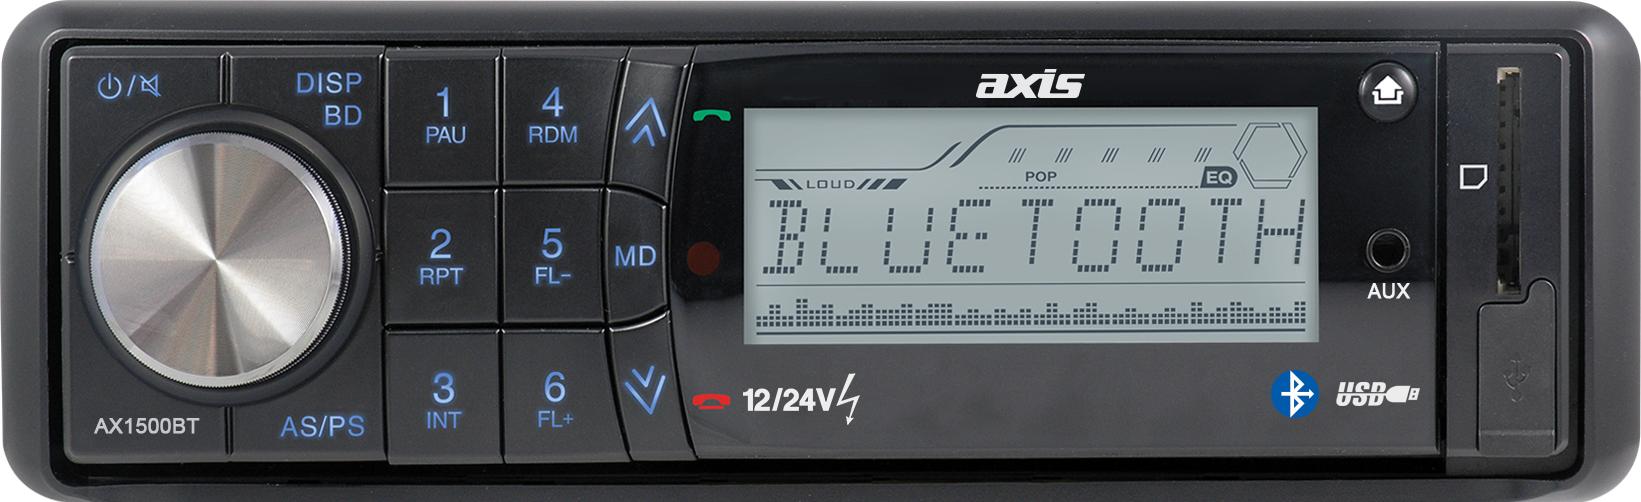 AX1500BT